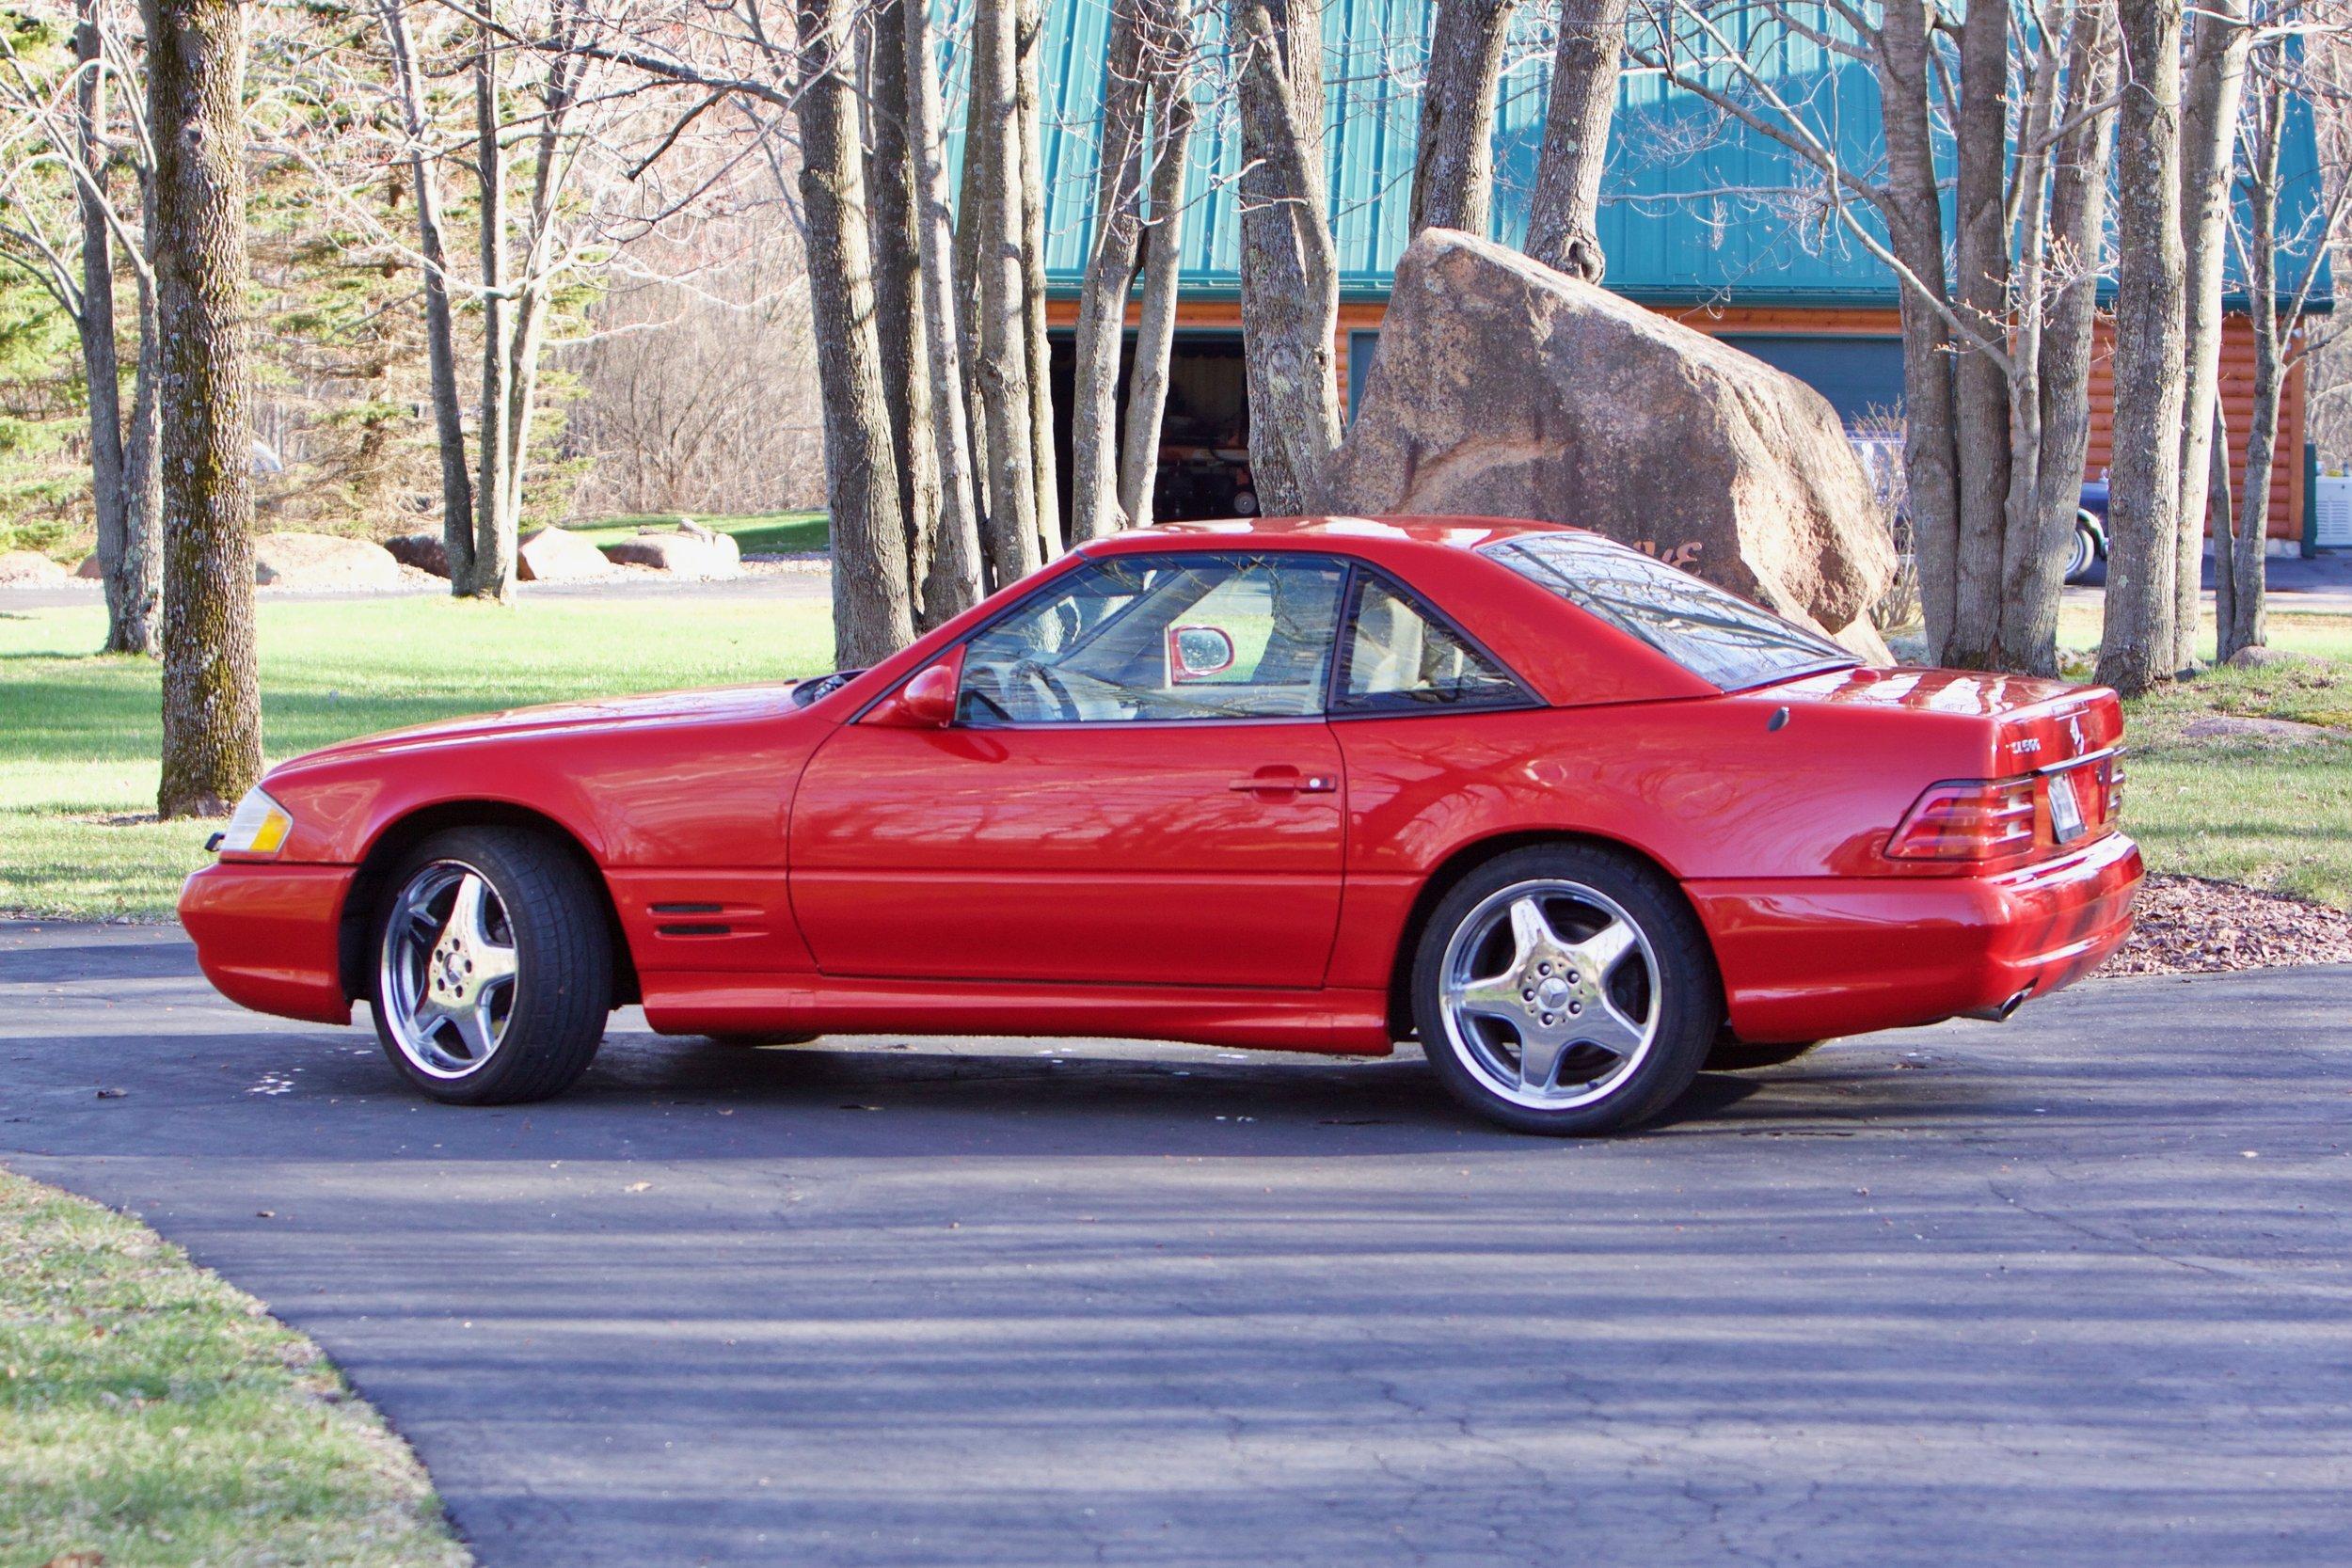 2001 500SL AMG